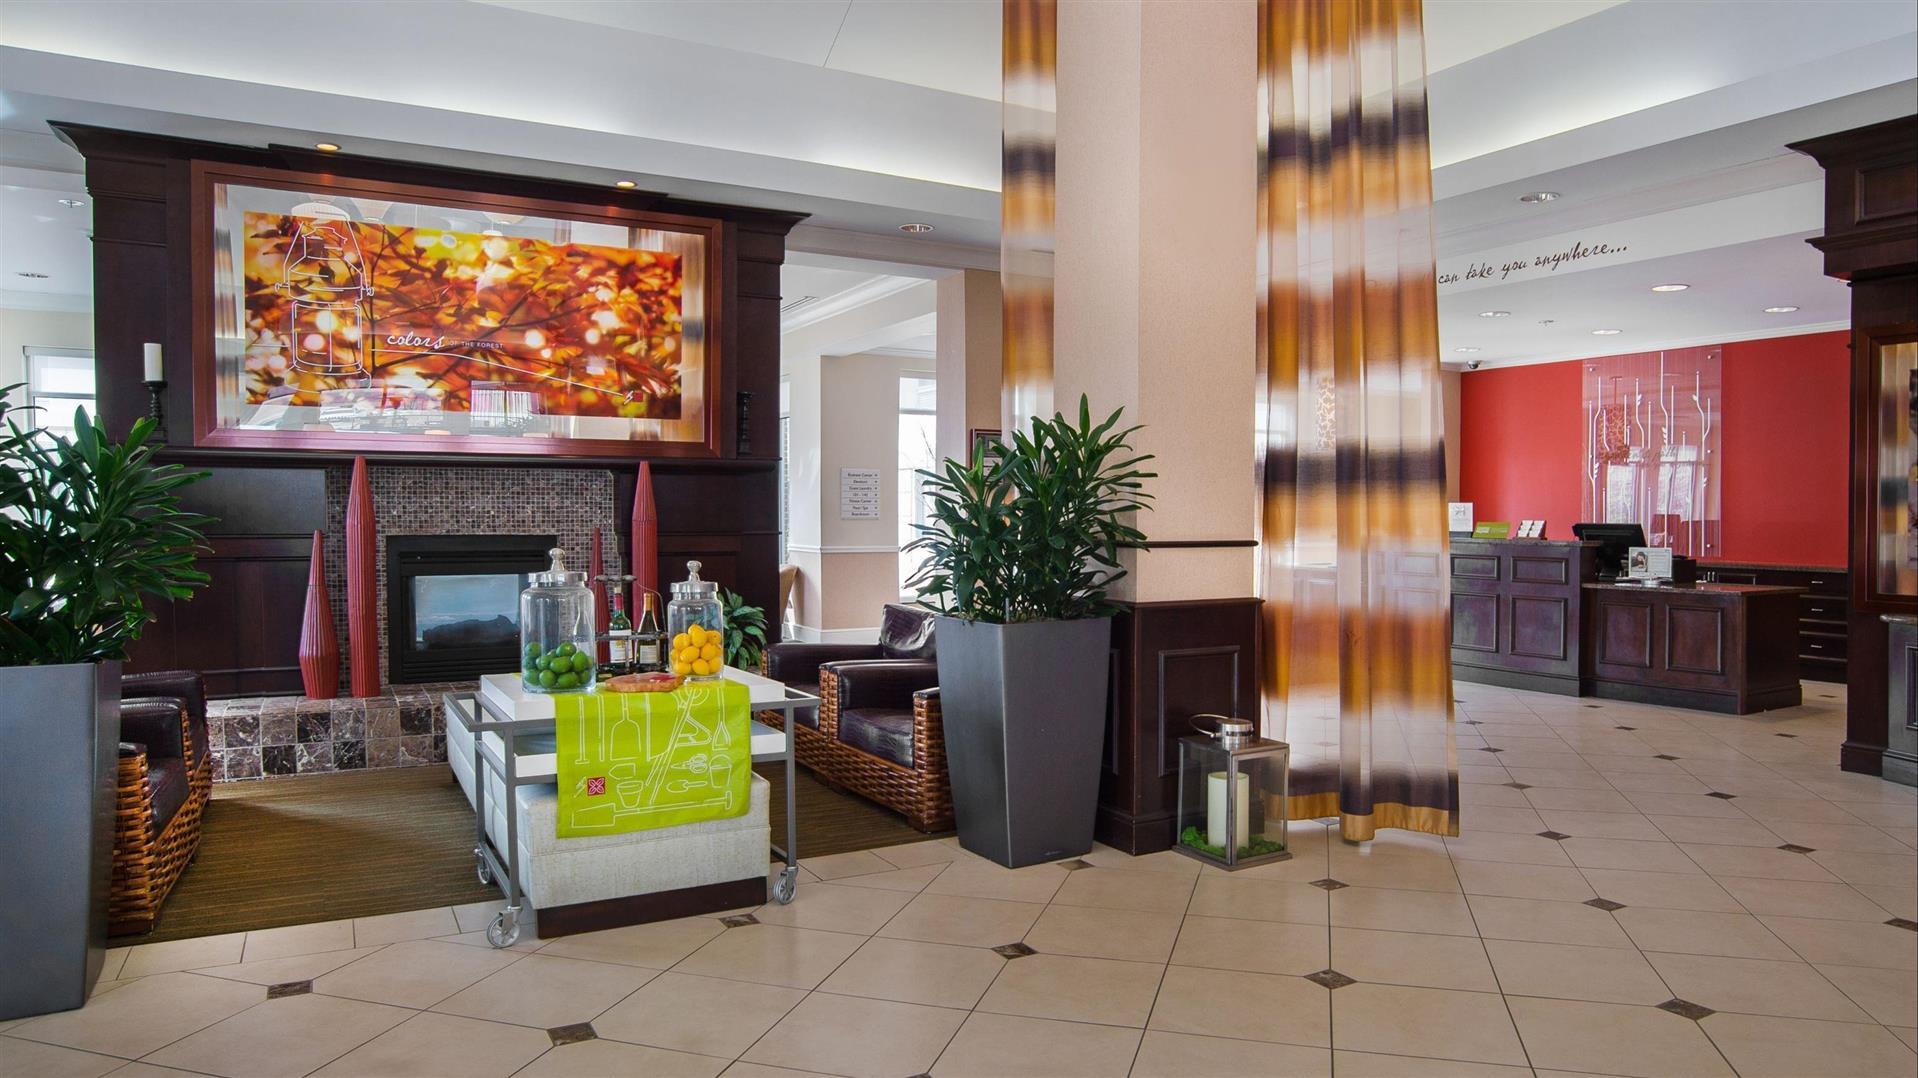 hilton garden inn st louis airport - Hilton Garden Inn St Louis Airport